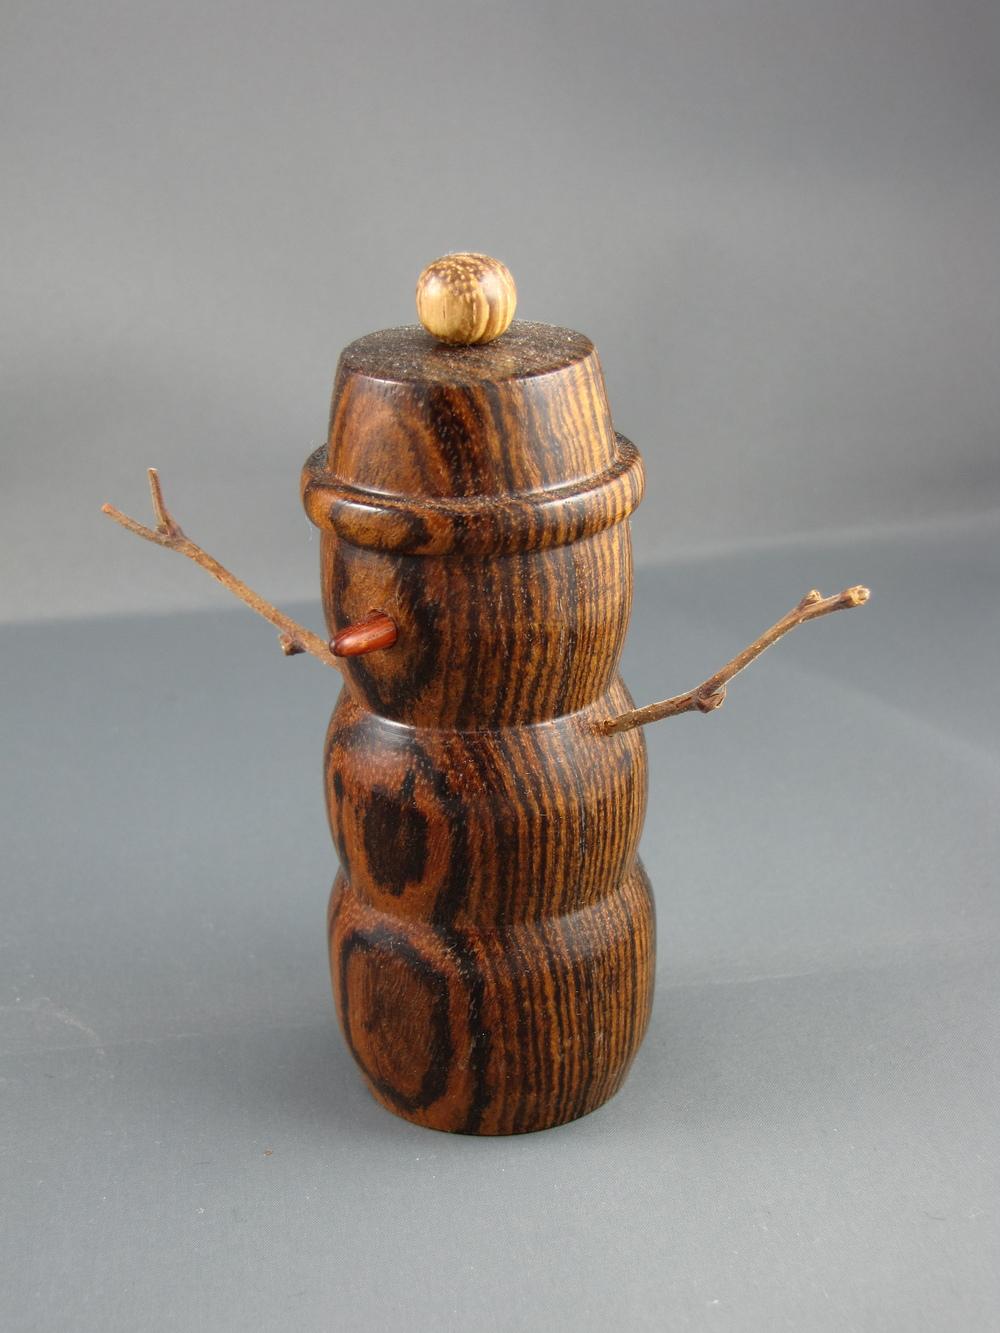 Bocote with a zebrawood pom-pom